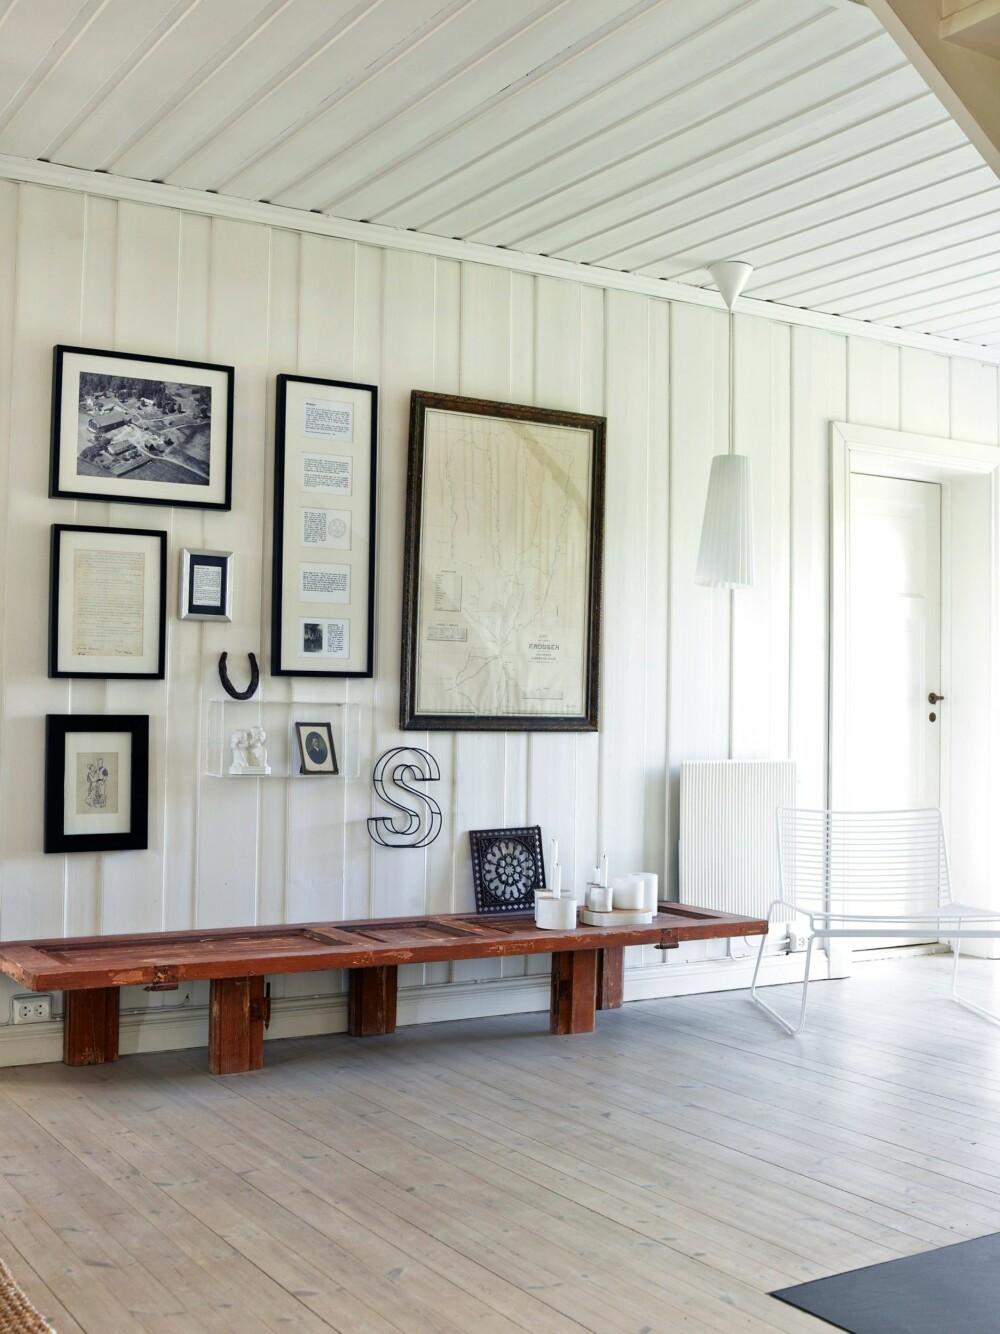 GÅRDSHISTORIE: I hallen står en benk laget av den gamle inngangsdøren på gården. På veggen bak henger gamle bilder, kart, en kontrakt og gårdsgjenstander. Styling: Kirsten Visdal.